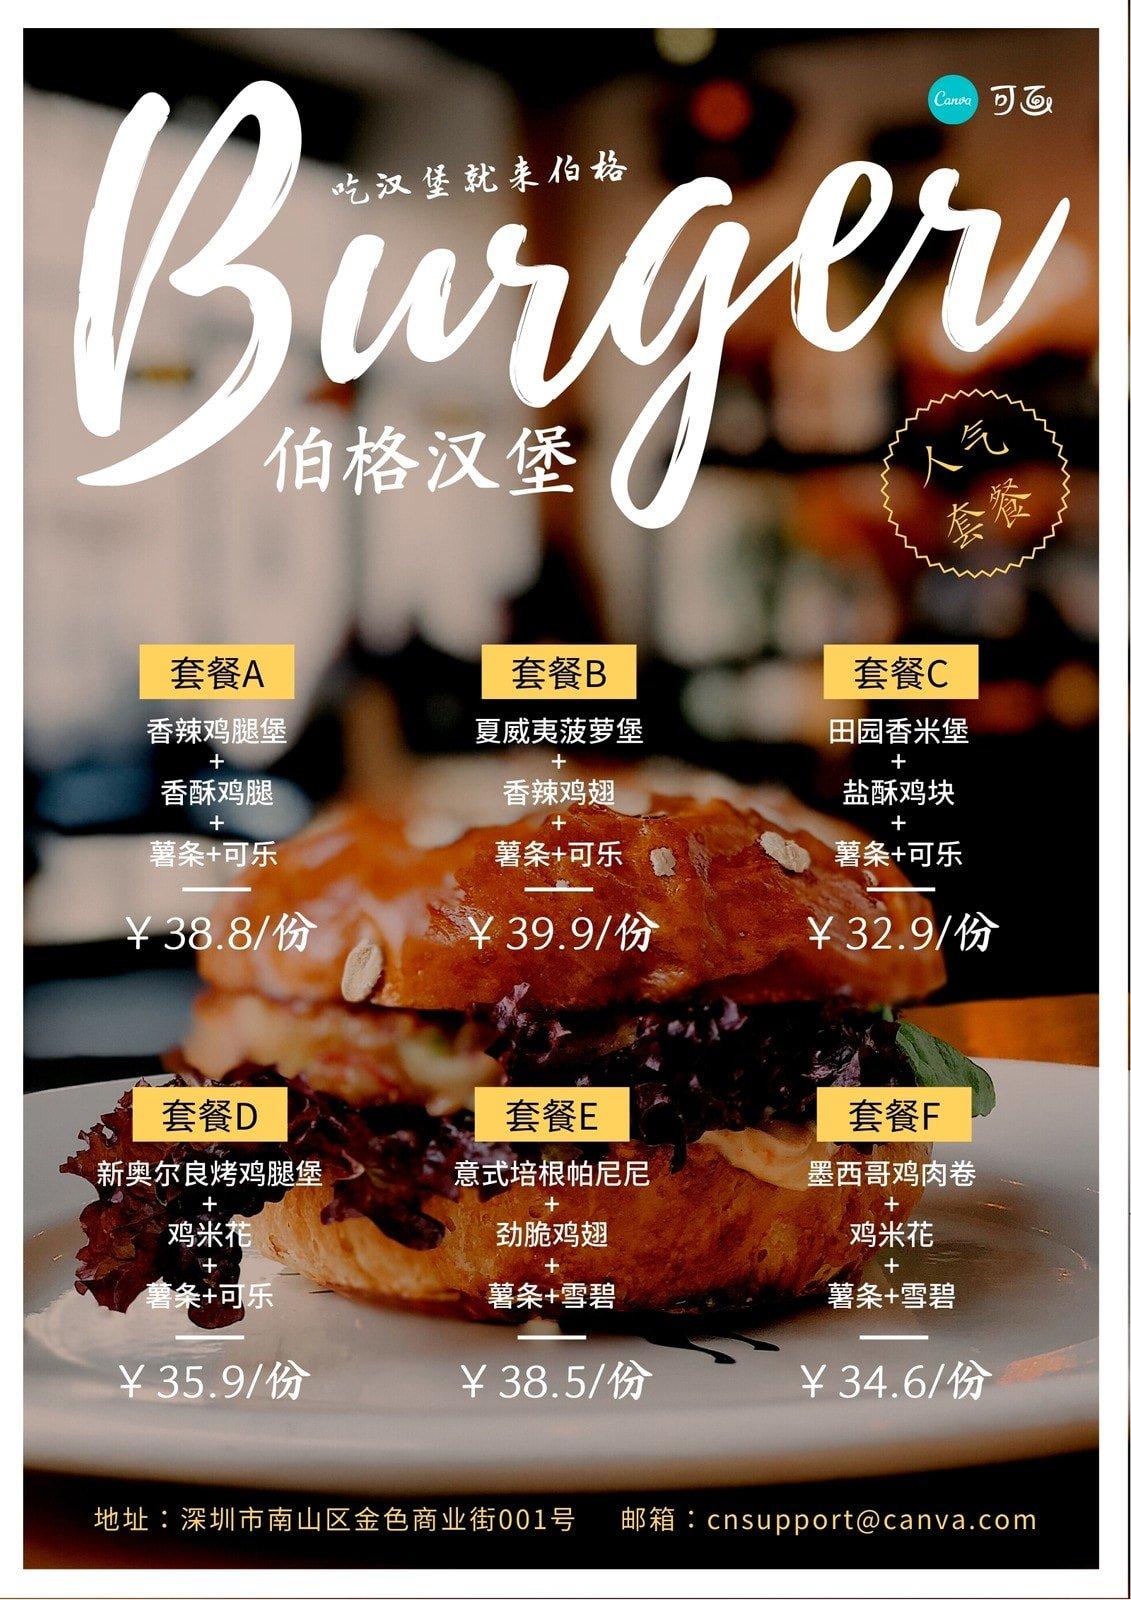 褐白色汉堡餐点照片餐饮菜单